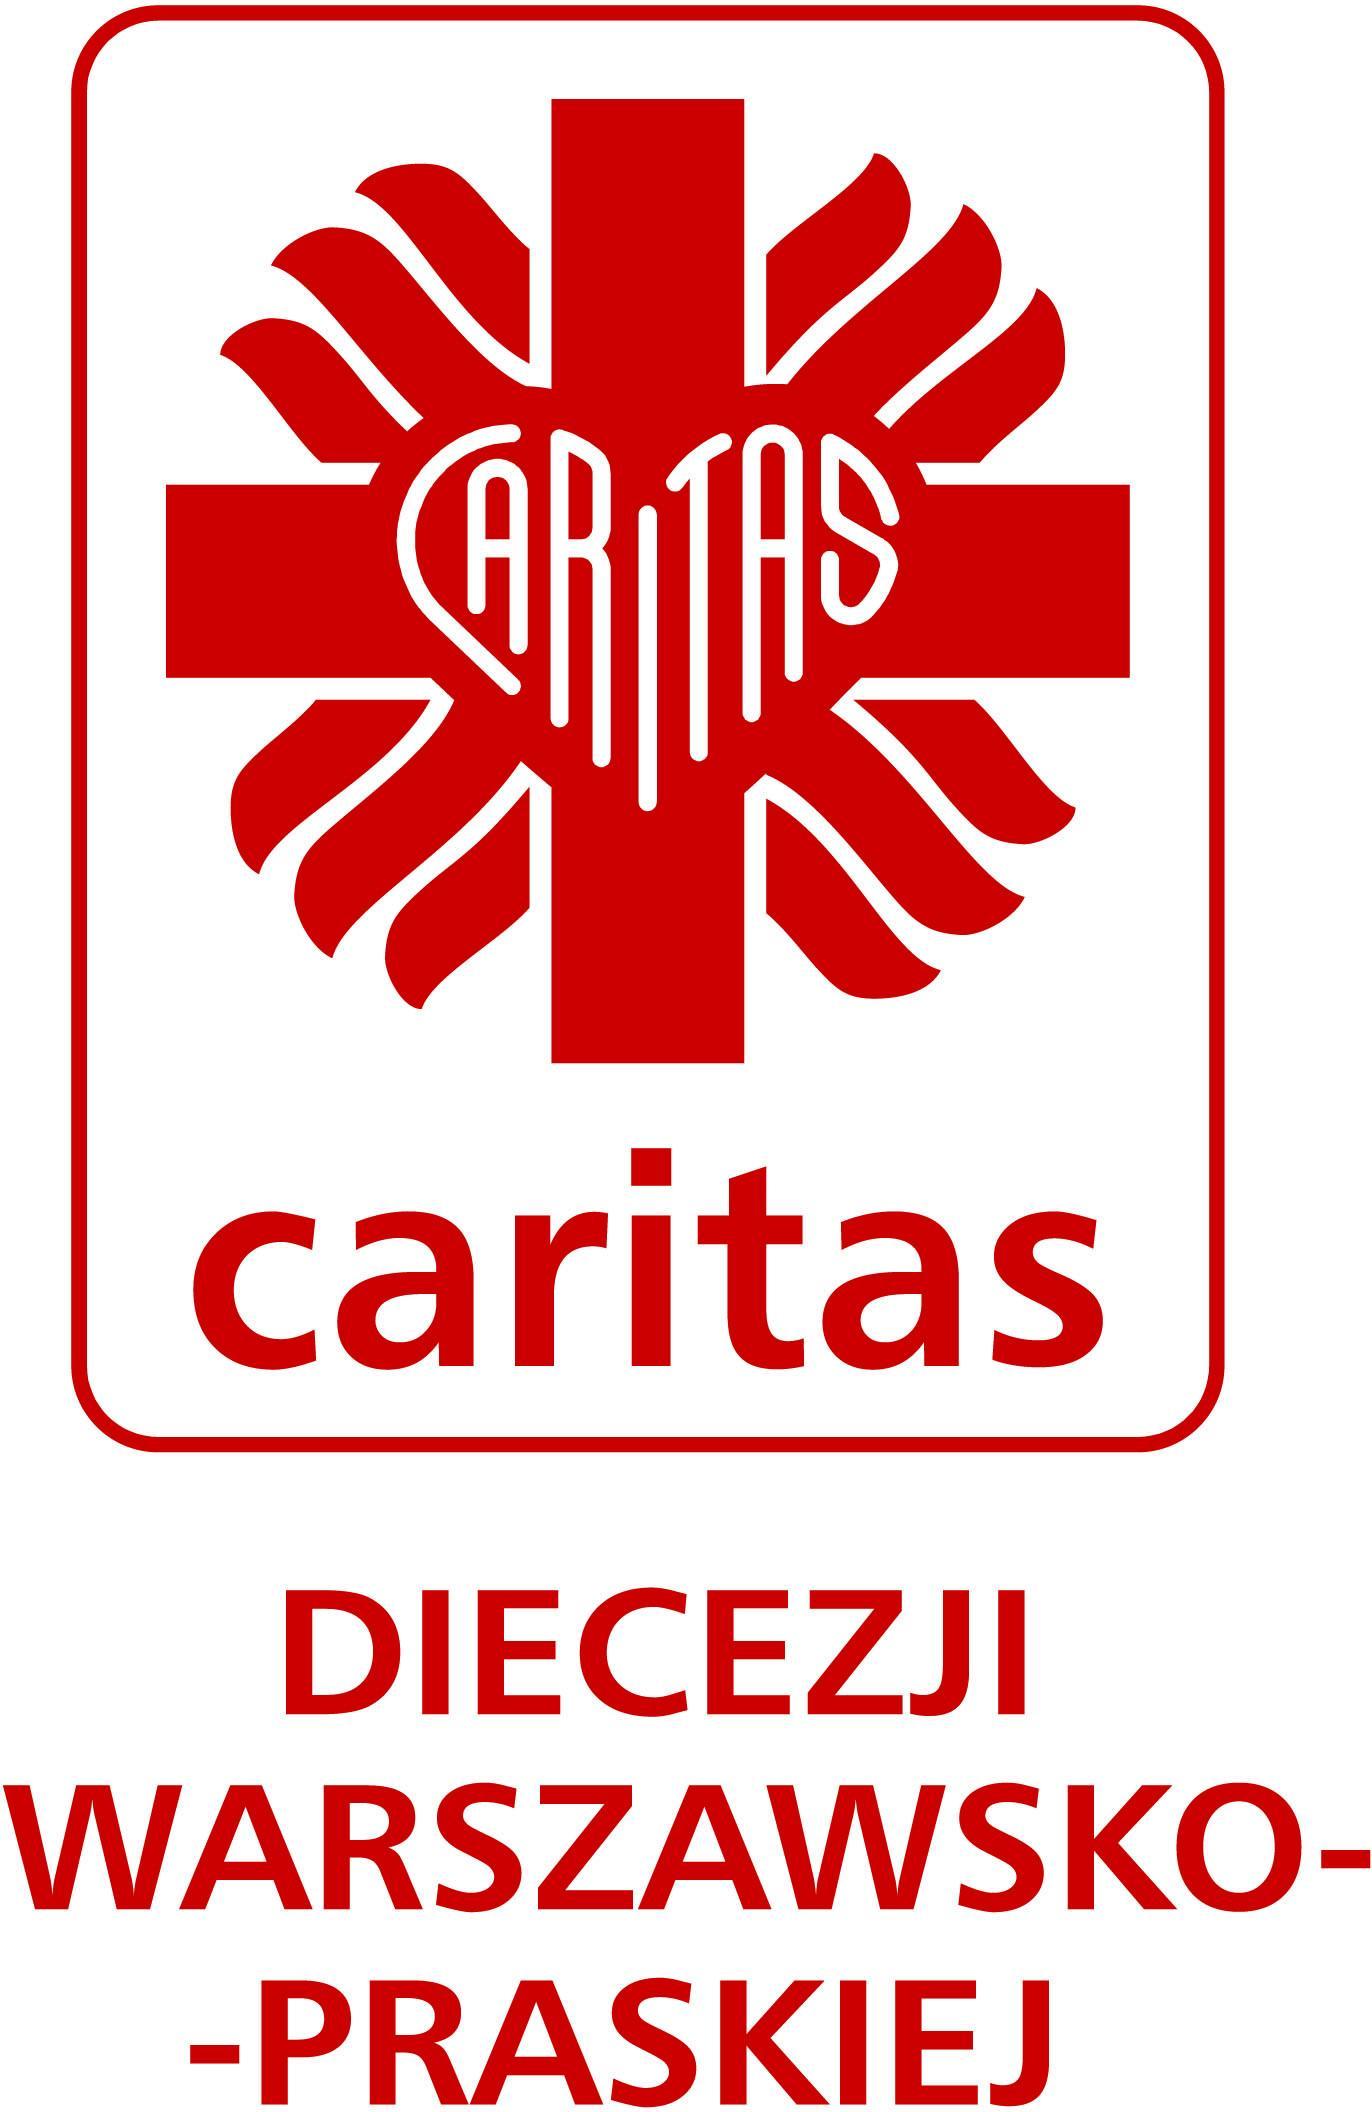 Caritas Diecezji Warszawsko-Praskiej